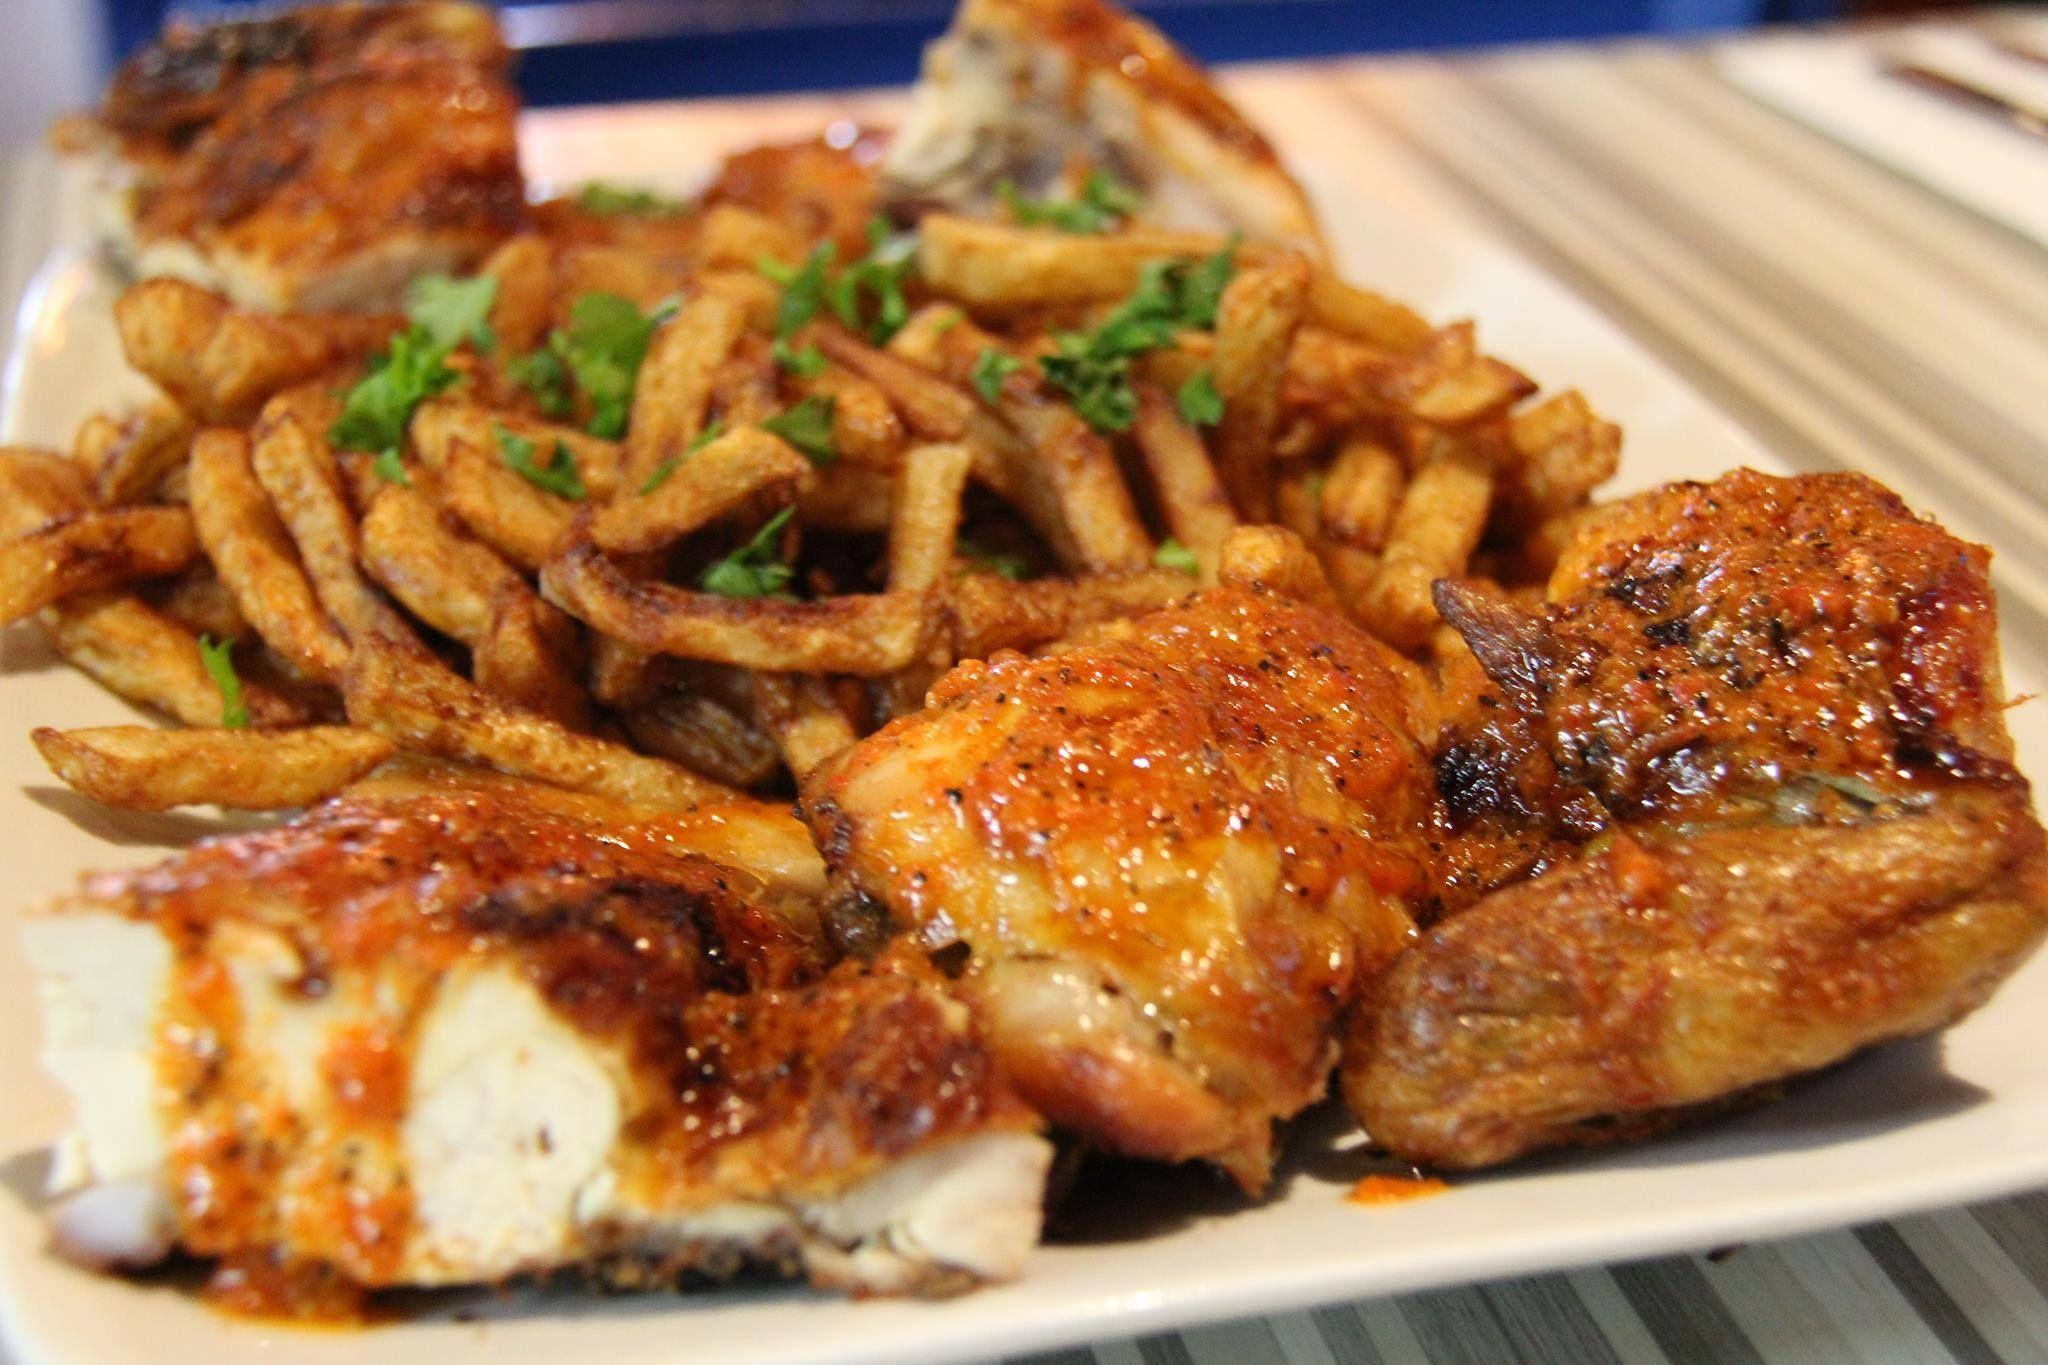 Un poulet portugais comme au Restaurant Bastos - Recettes - Recettes simples et géniales! - Ma Fourchette - Délicieuses recettes de cuisine, astuces culinaires et plus encore!